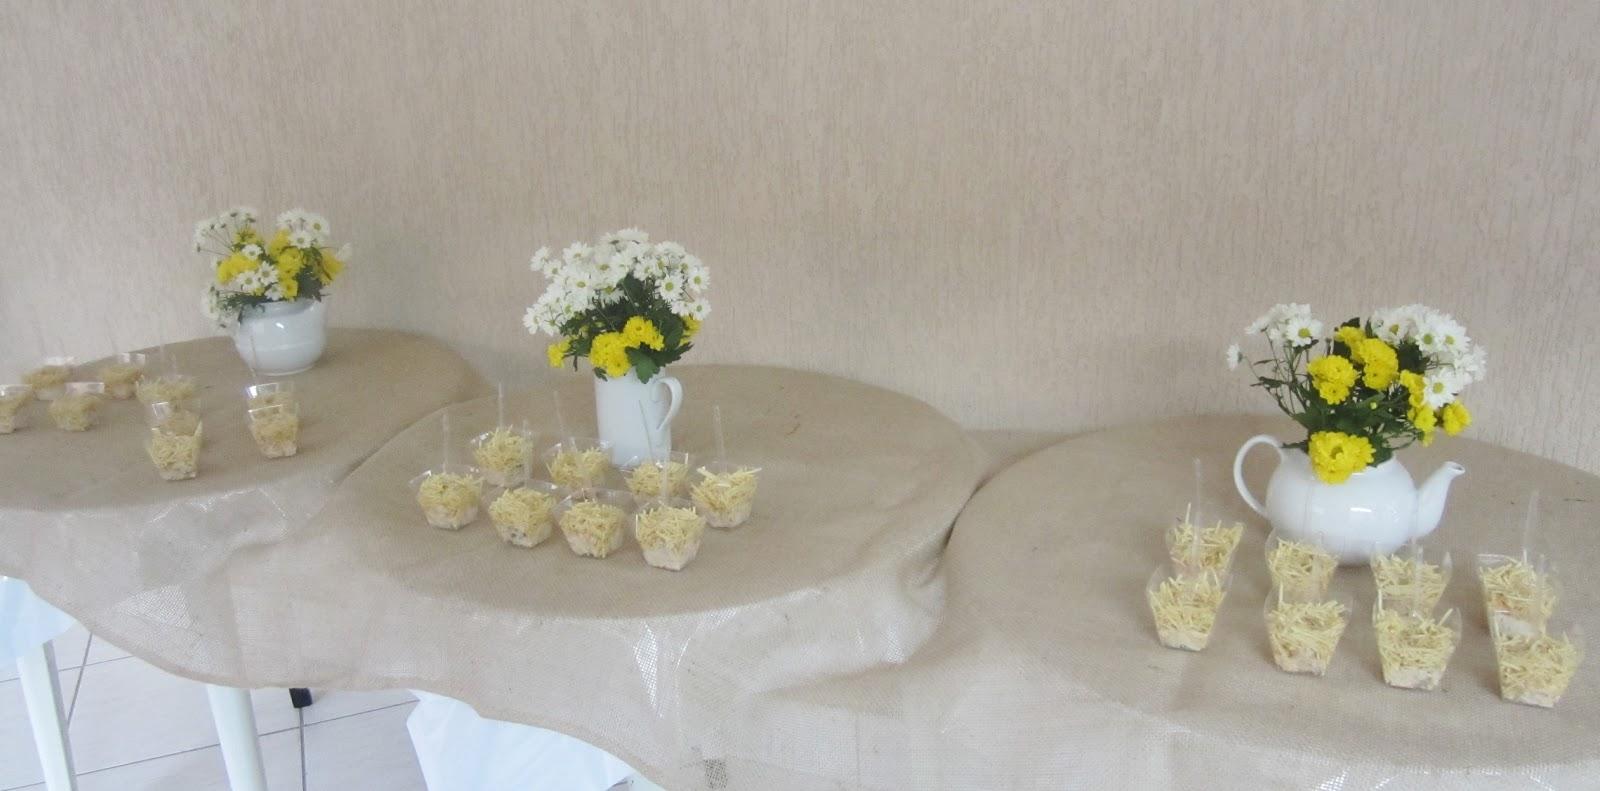 decoracao casamento juta : decoracao casamento juta:Mesa dos salgados, com potinhos de salpicão de frango